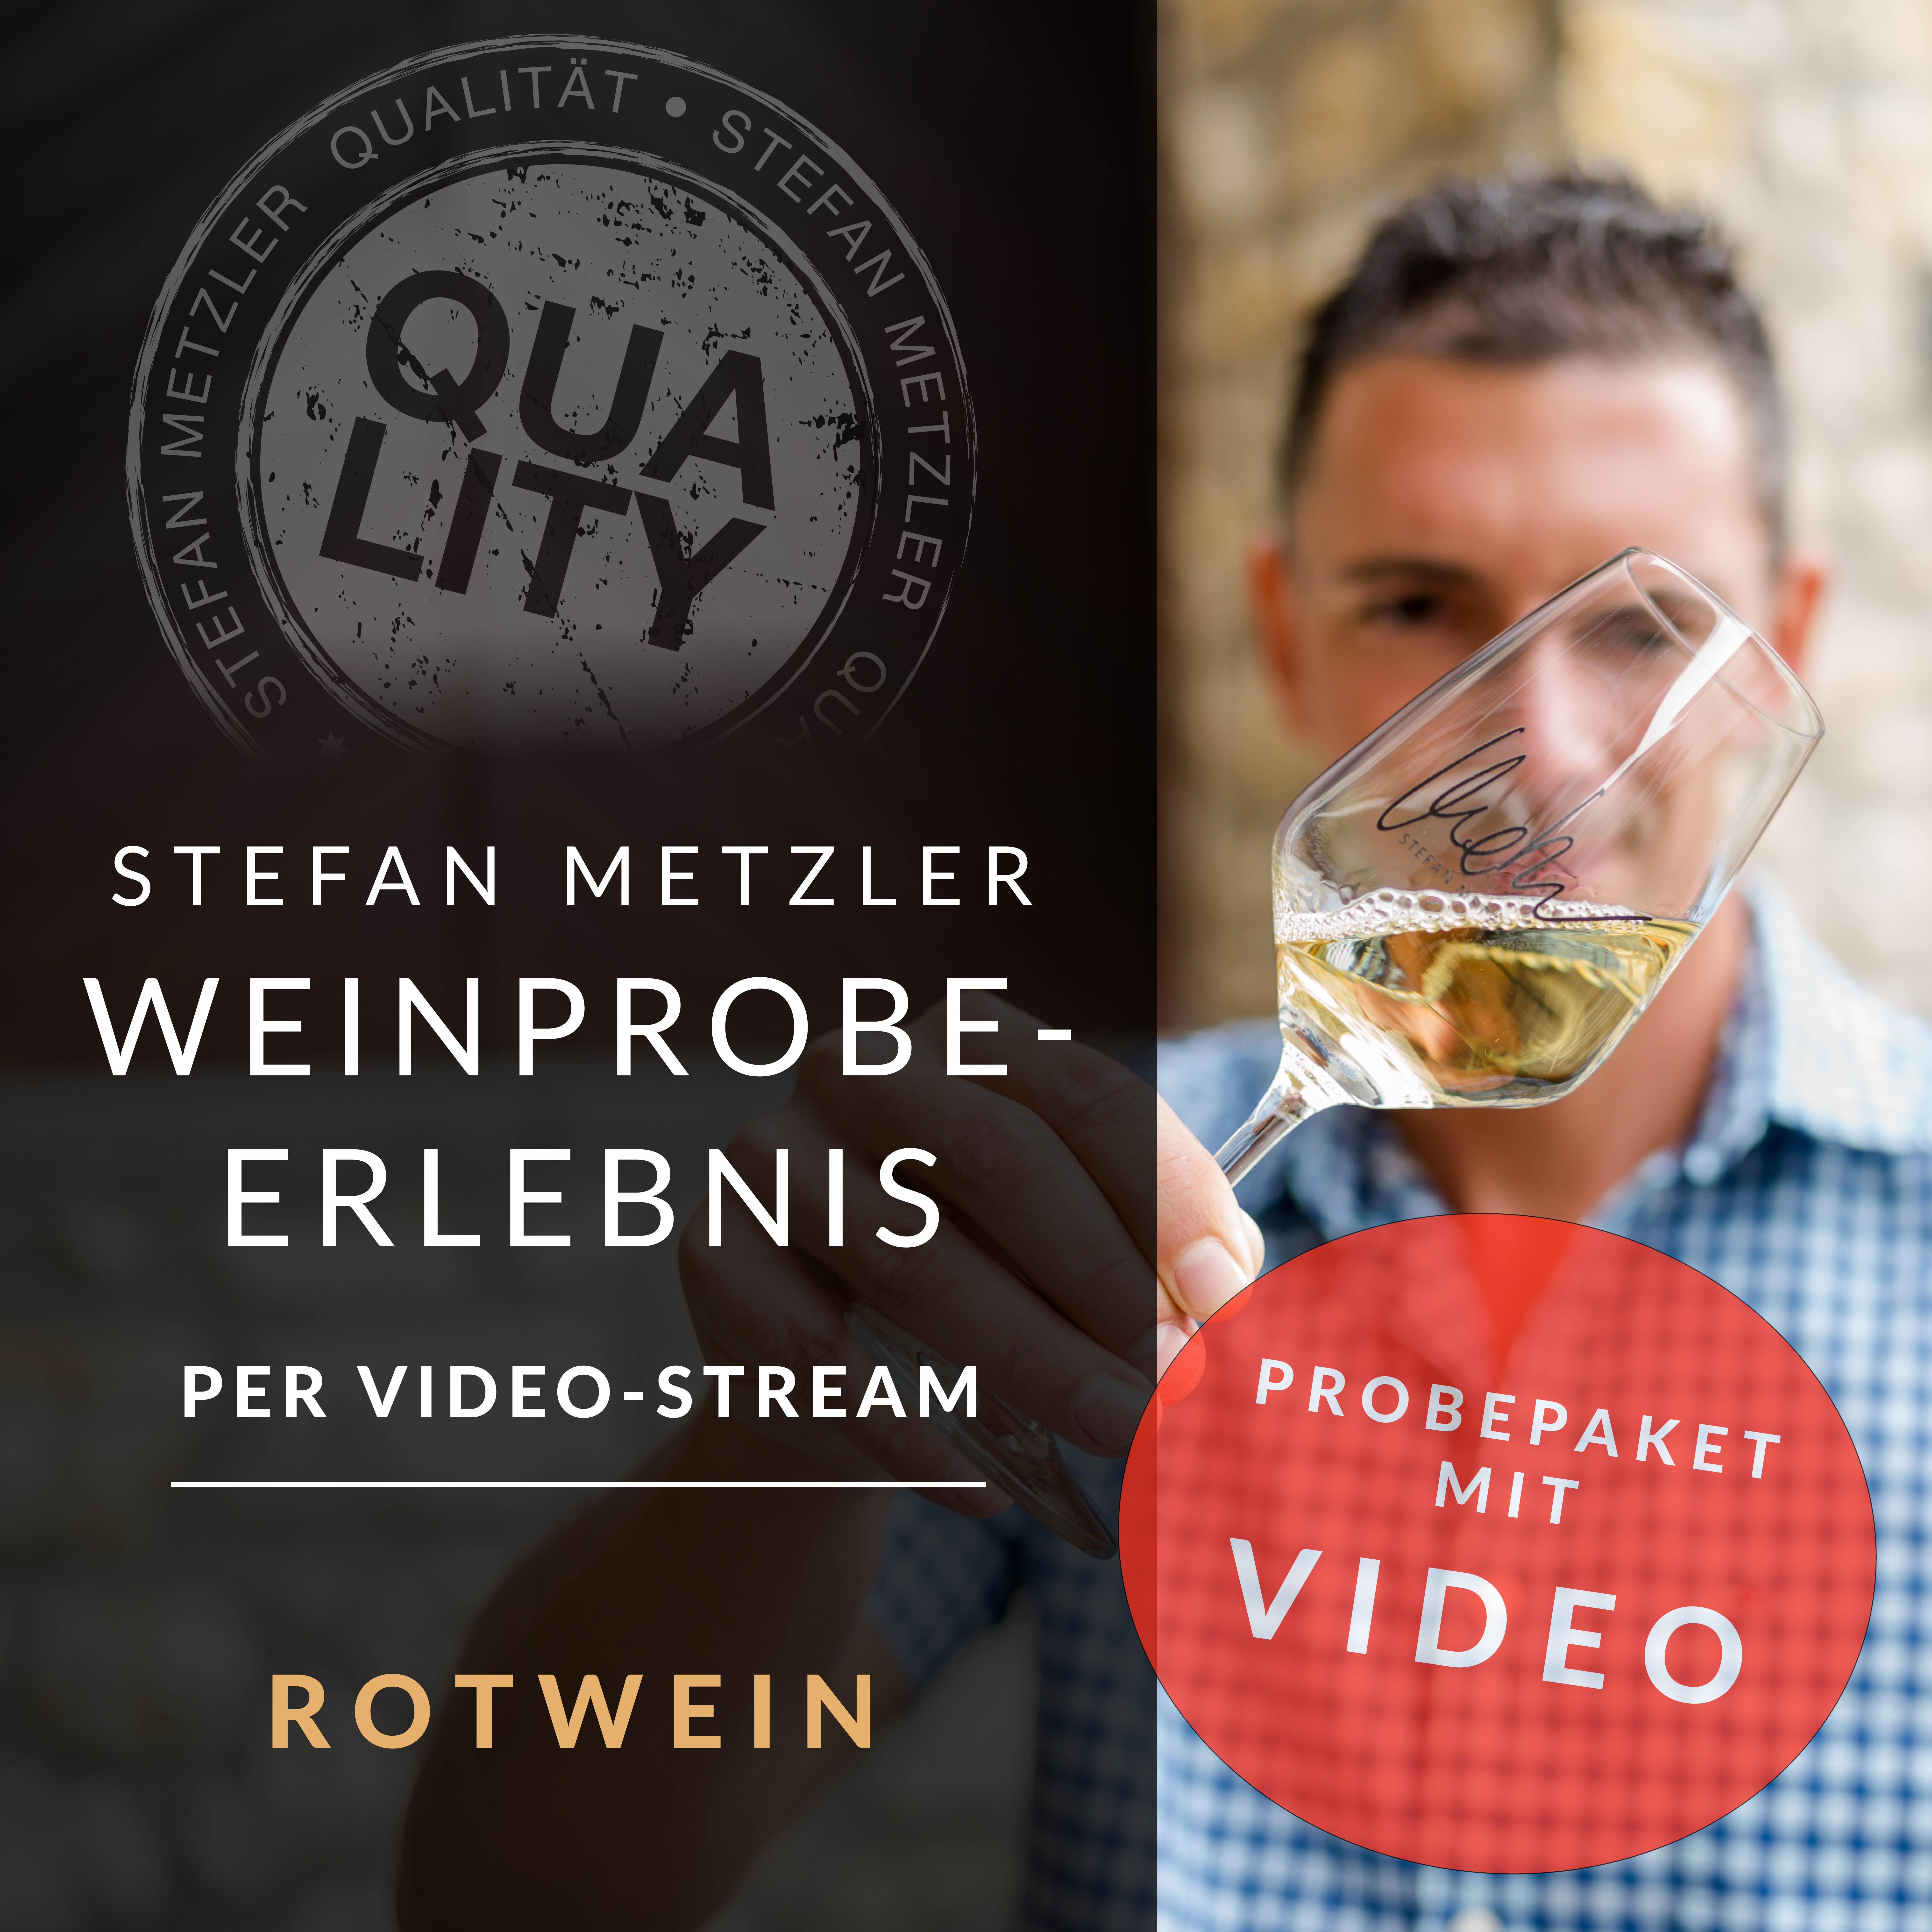 100% Metzler - Dein Weinprobe-Erlebnis per Video! Das Motto: Rotwein